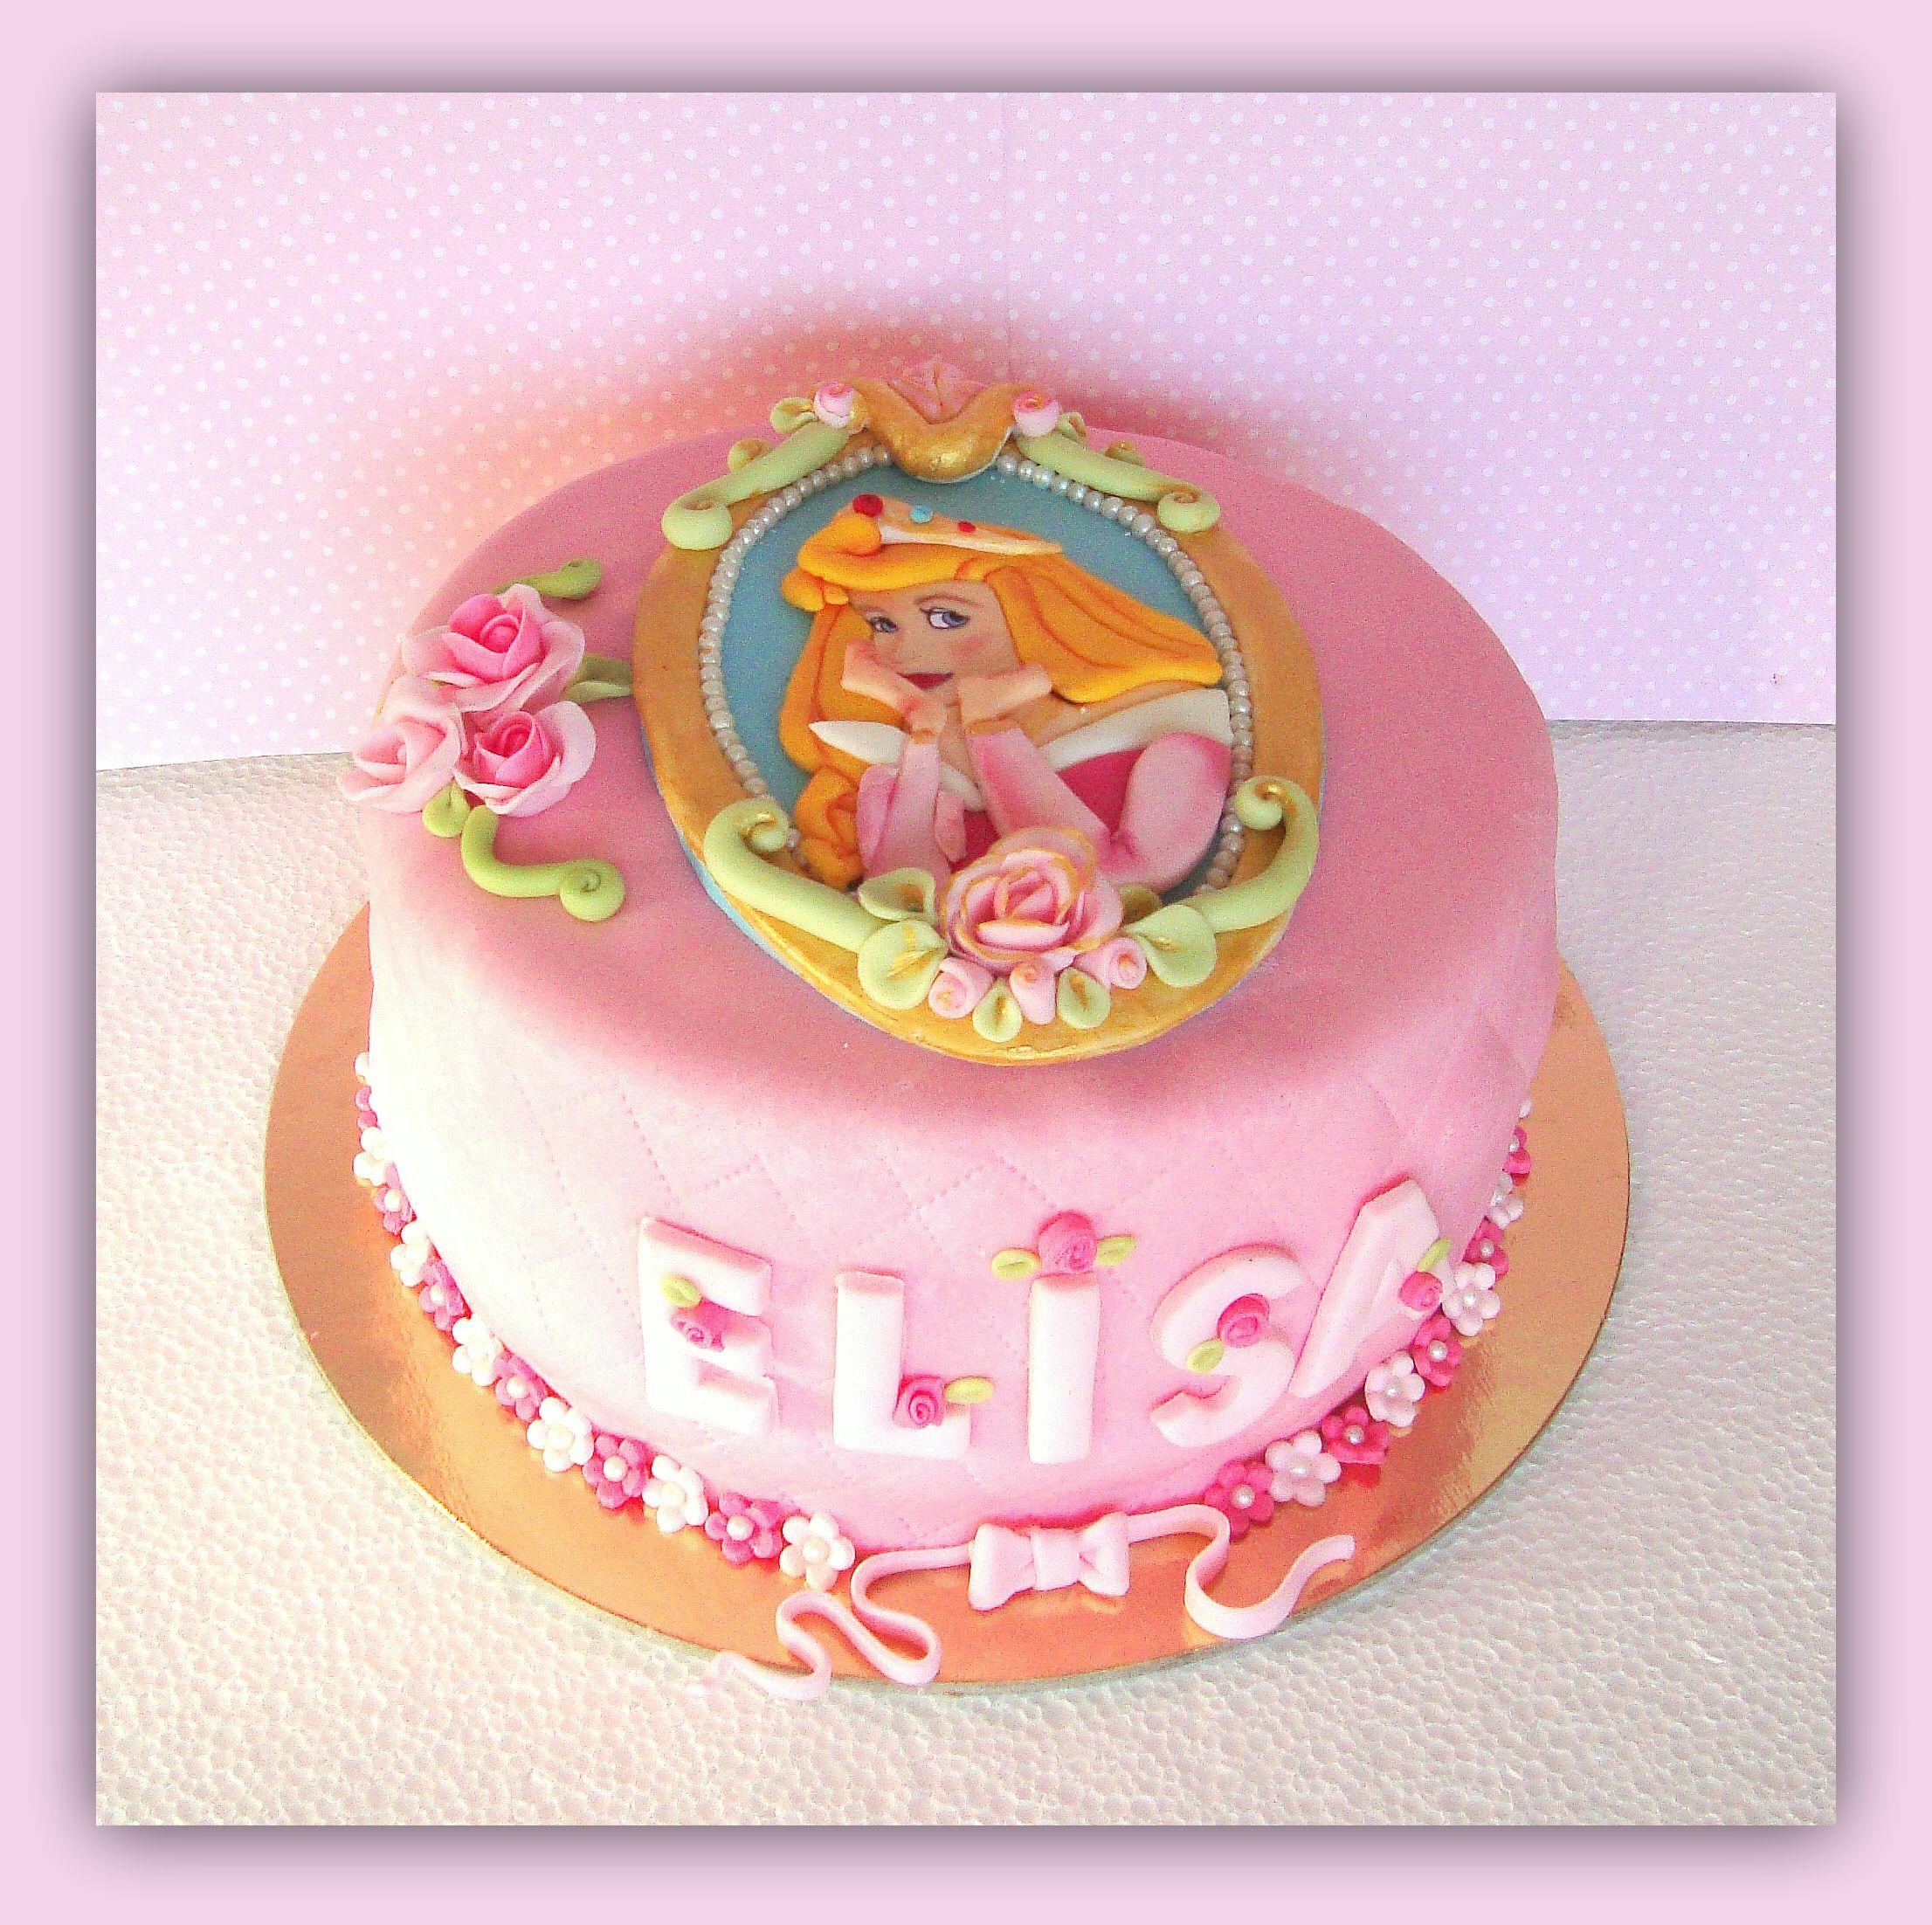 Sleeping Beauty Cake fondant All about Sugar Art